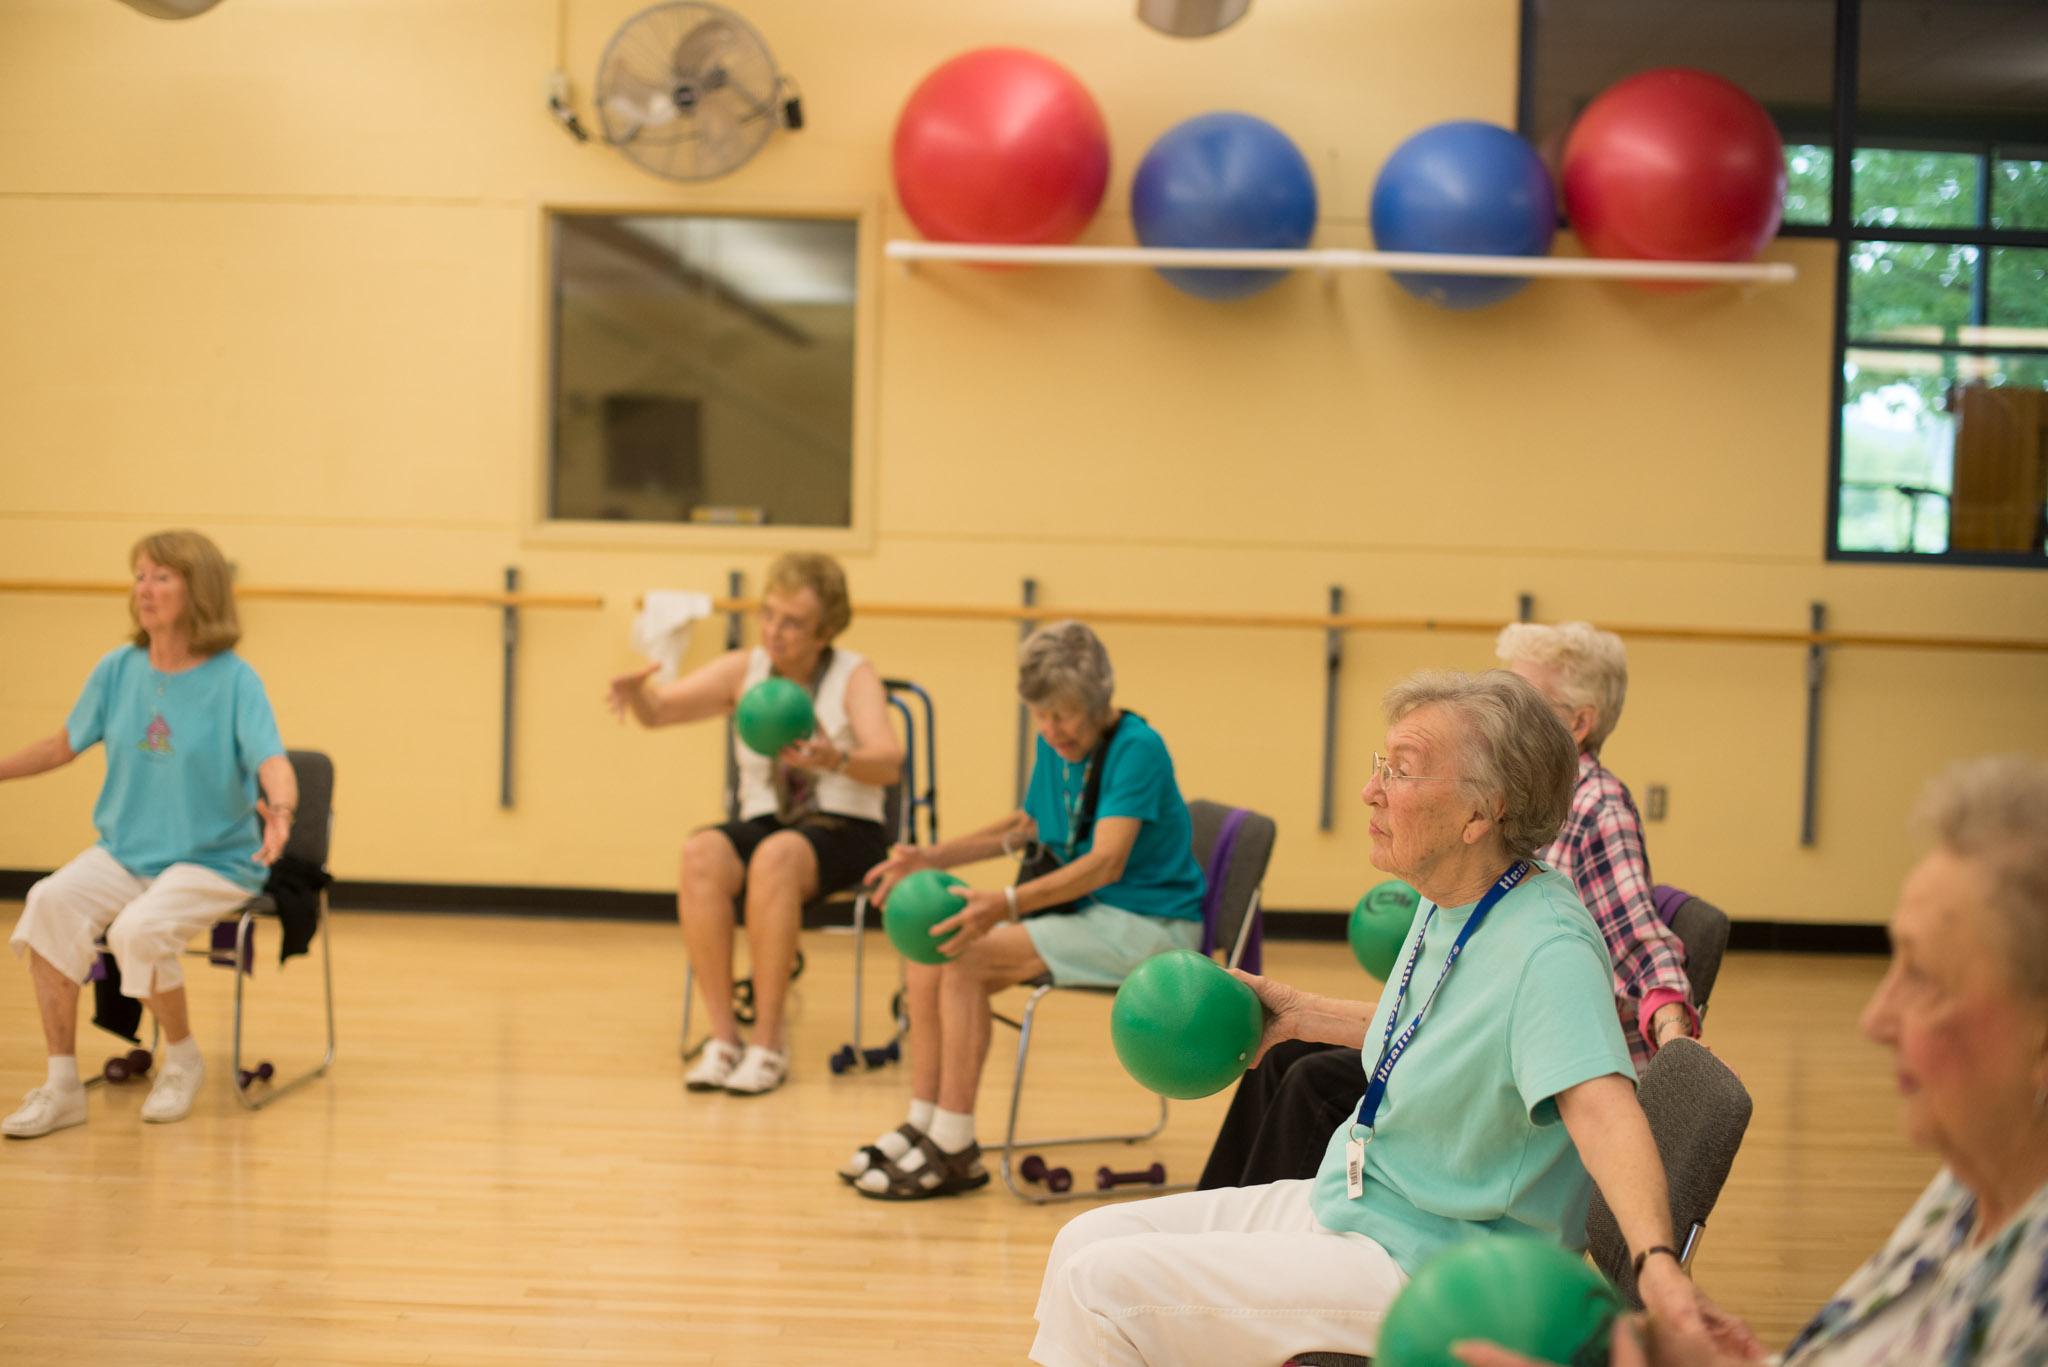 Wellness Center Stock Photos-1034.jpg